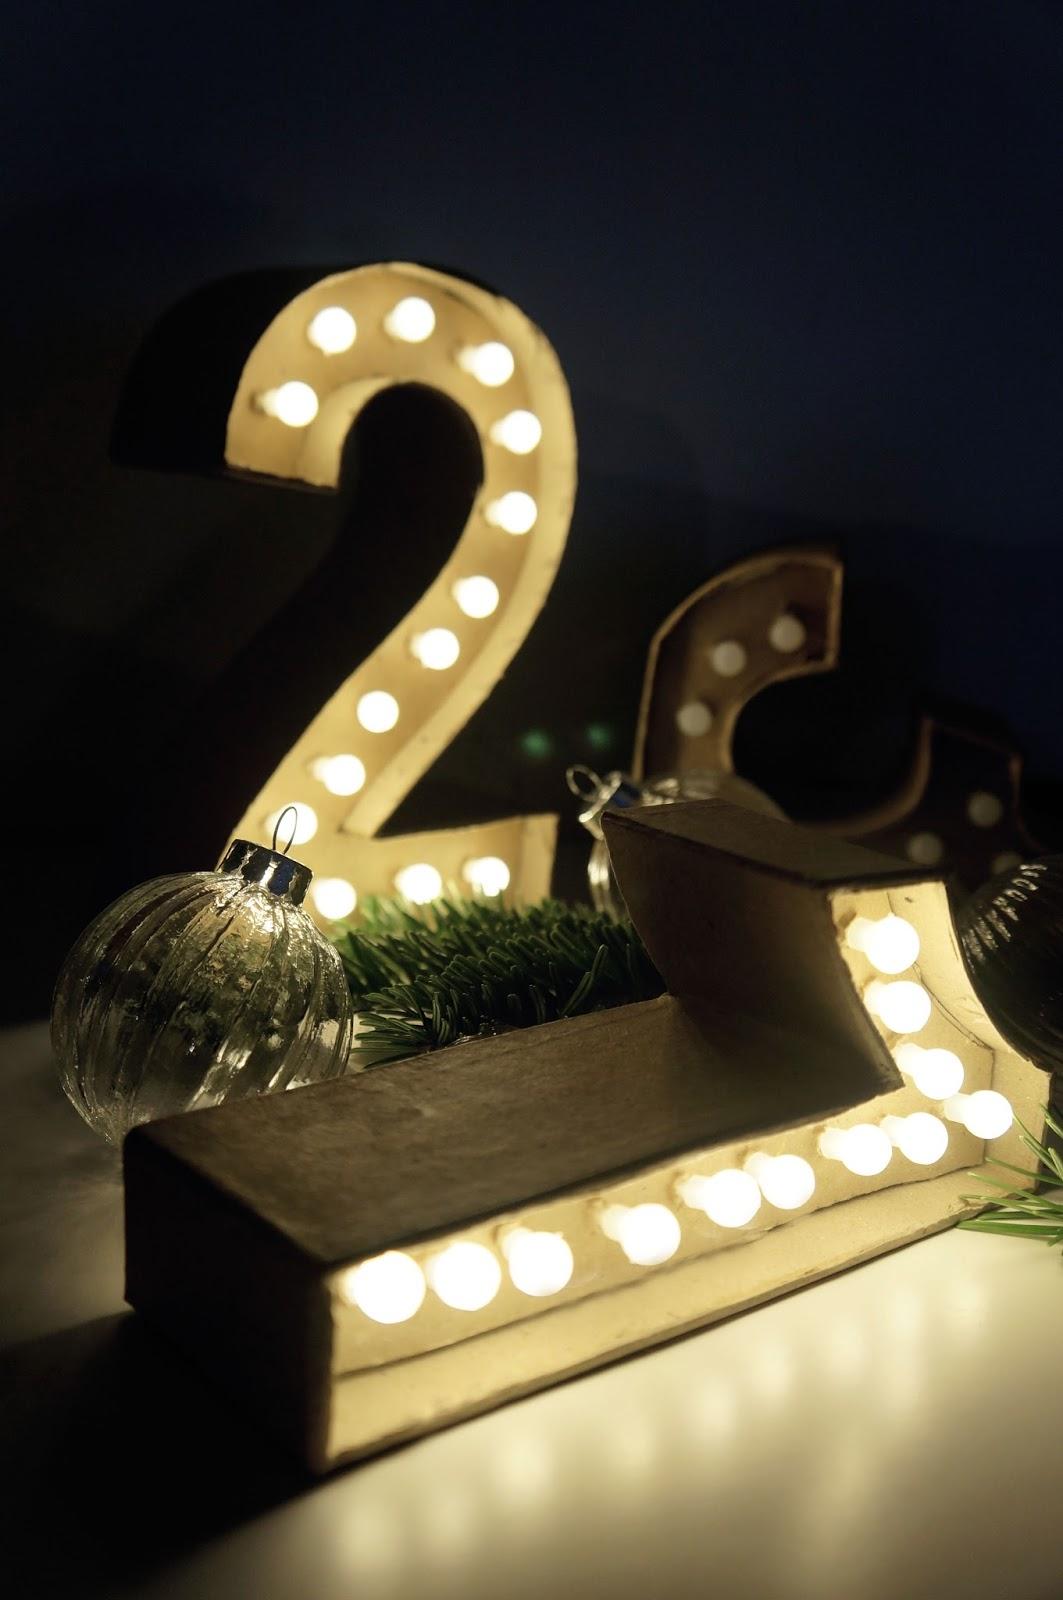 Weihnachtsbeleuchtung Basteln.Basteln Malen Kuchen Backen Advent Advent Adventskranz